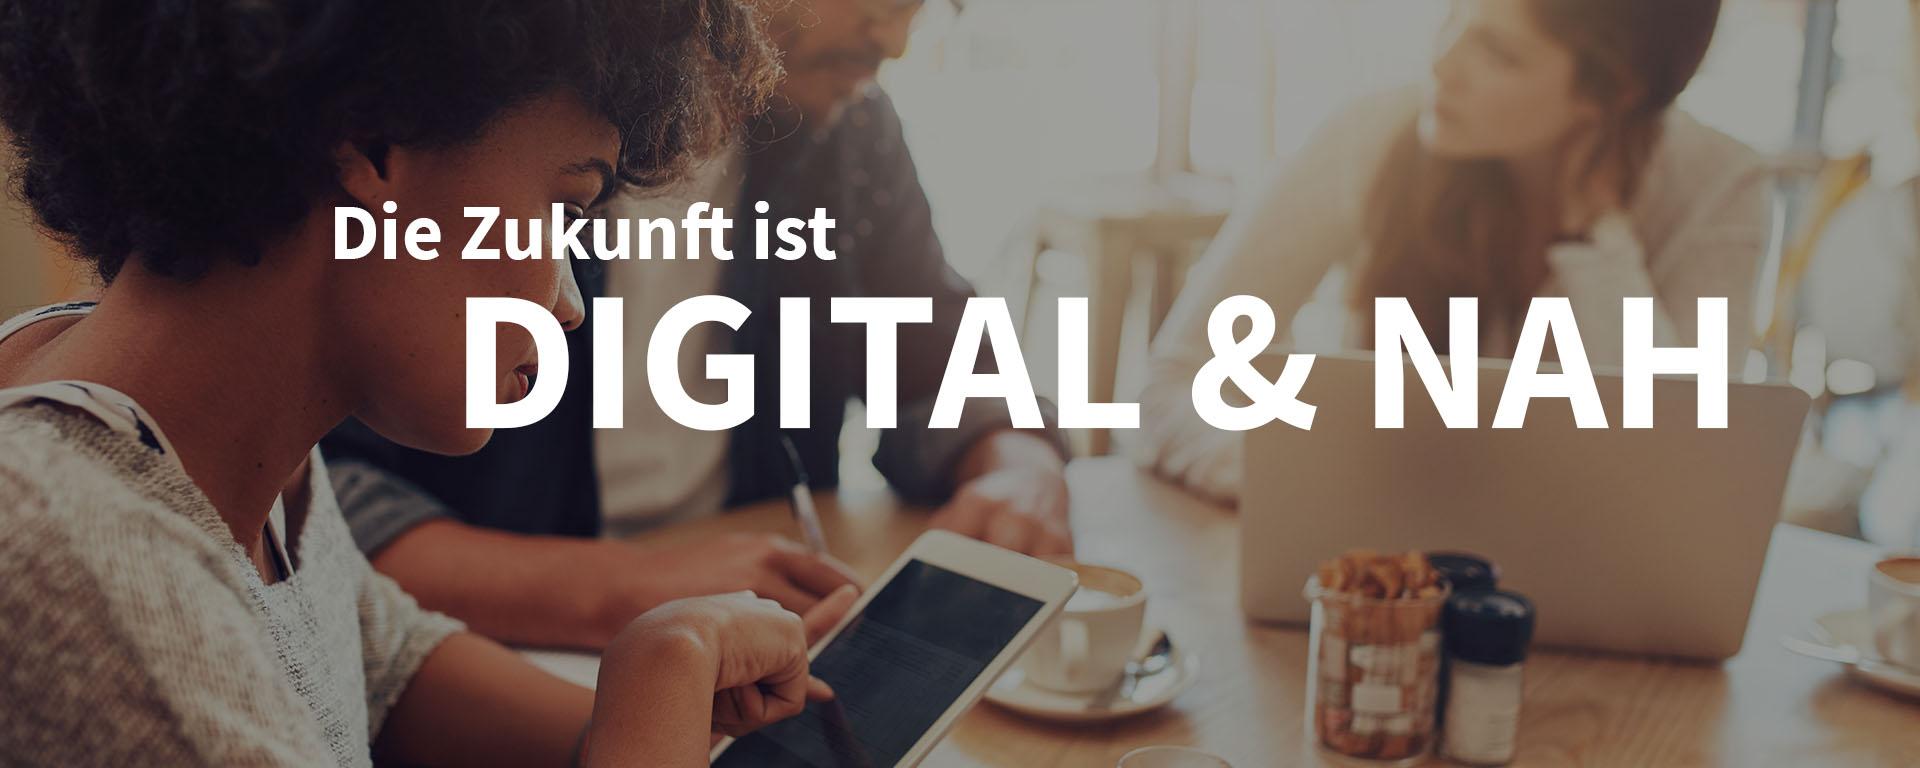 Digitalisierung Gastronomie, Restaurant Marketing, Gastronomie Marketing, Tourismus Marketing, Gastro Marketing, Mehr Gäste